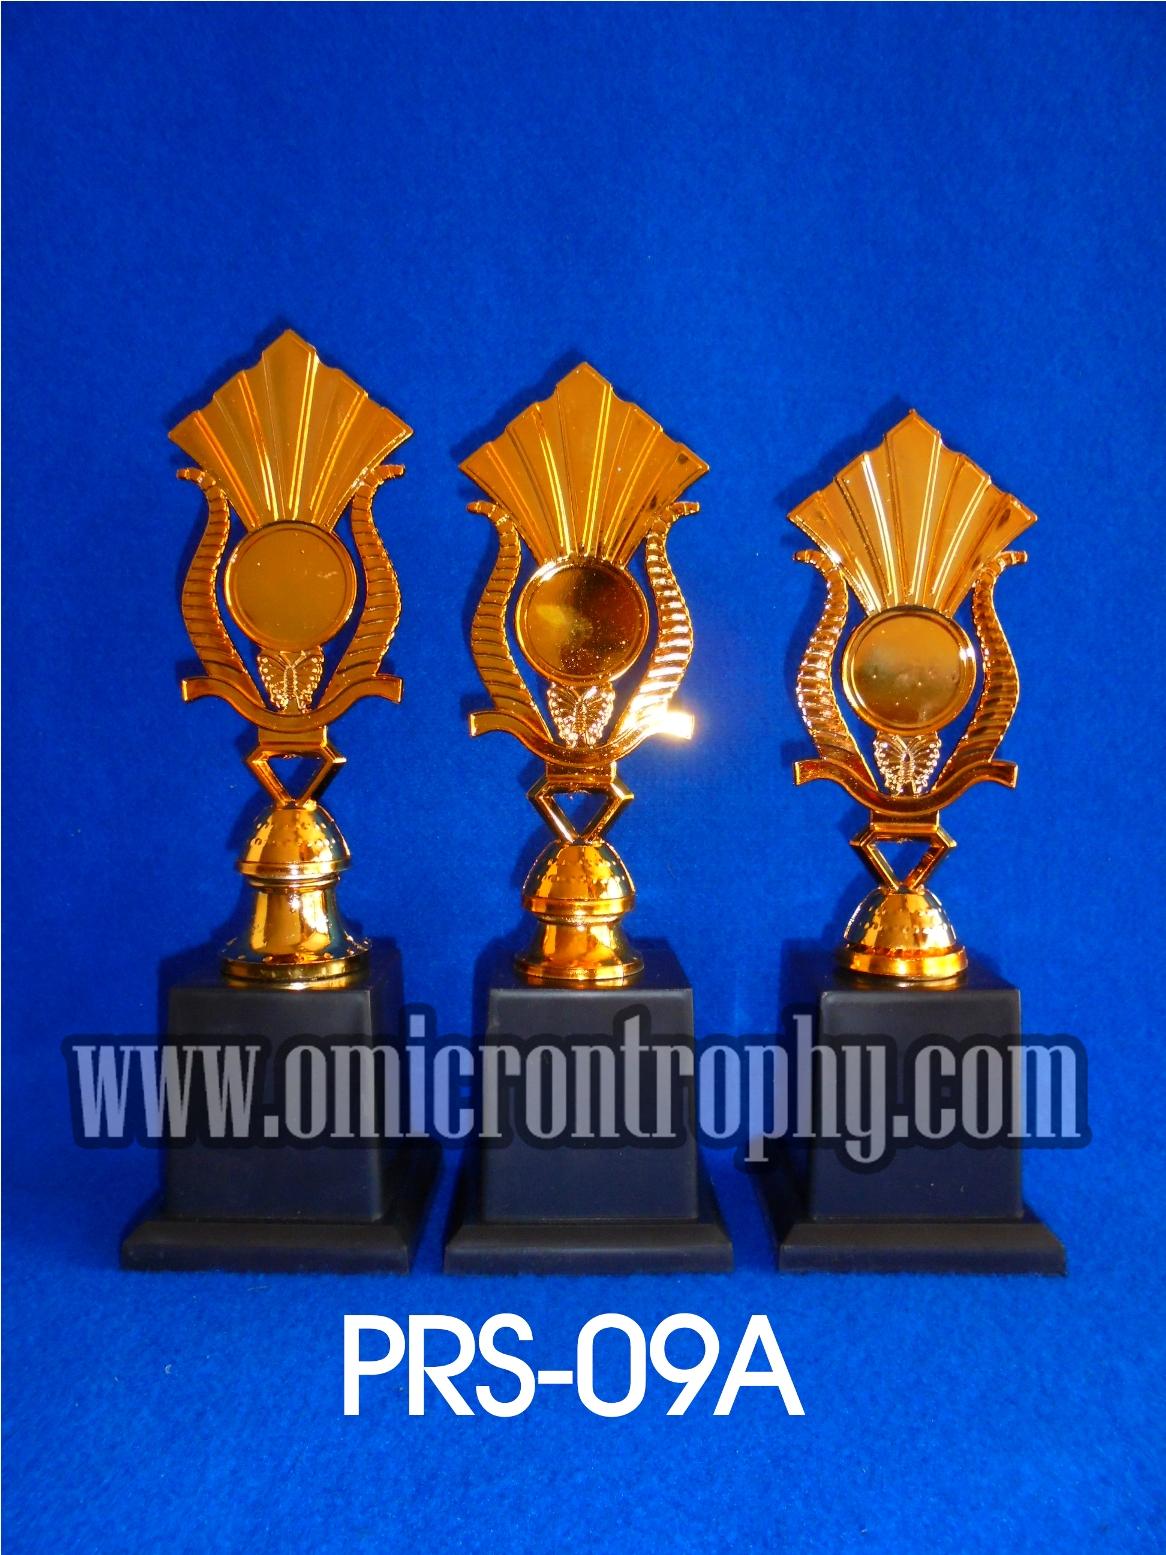 Jual Piala Trophy Kecil Mini Di Serpong Harga Murah